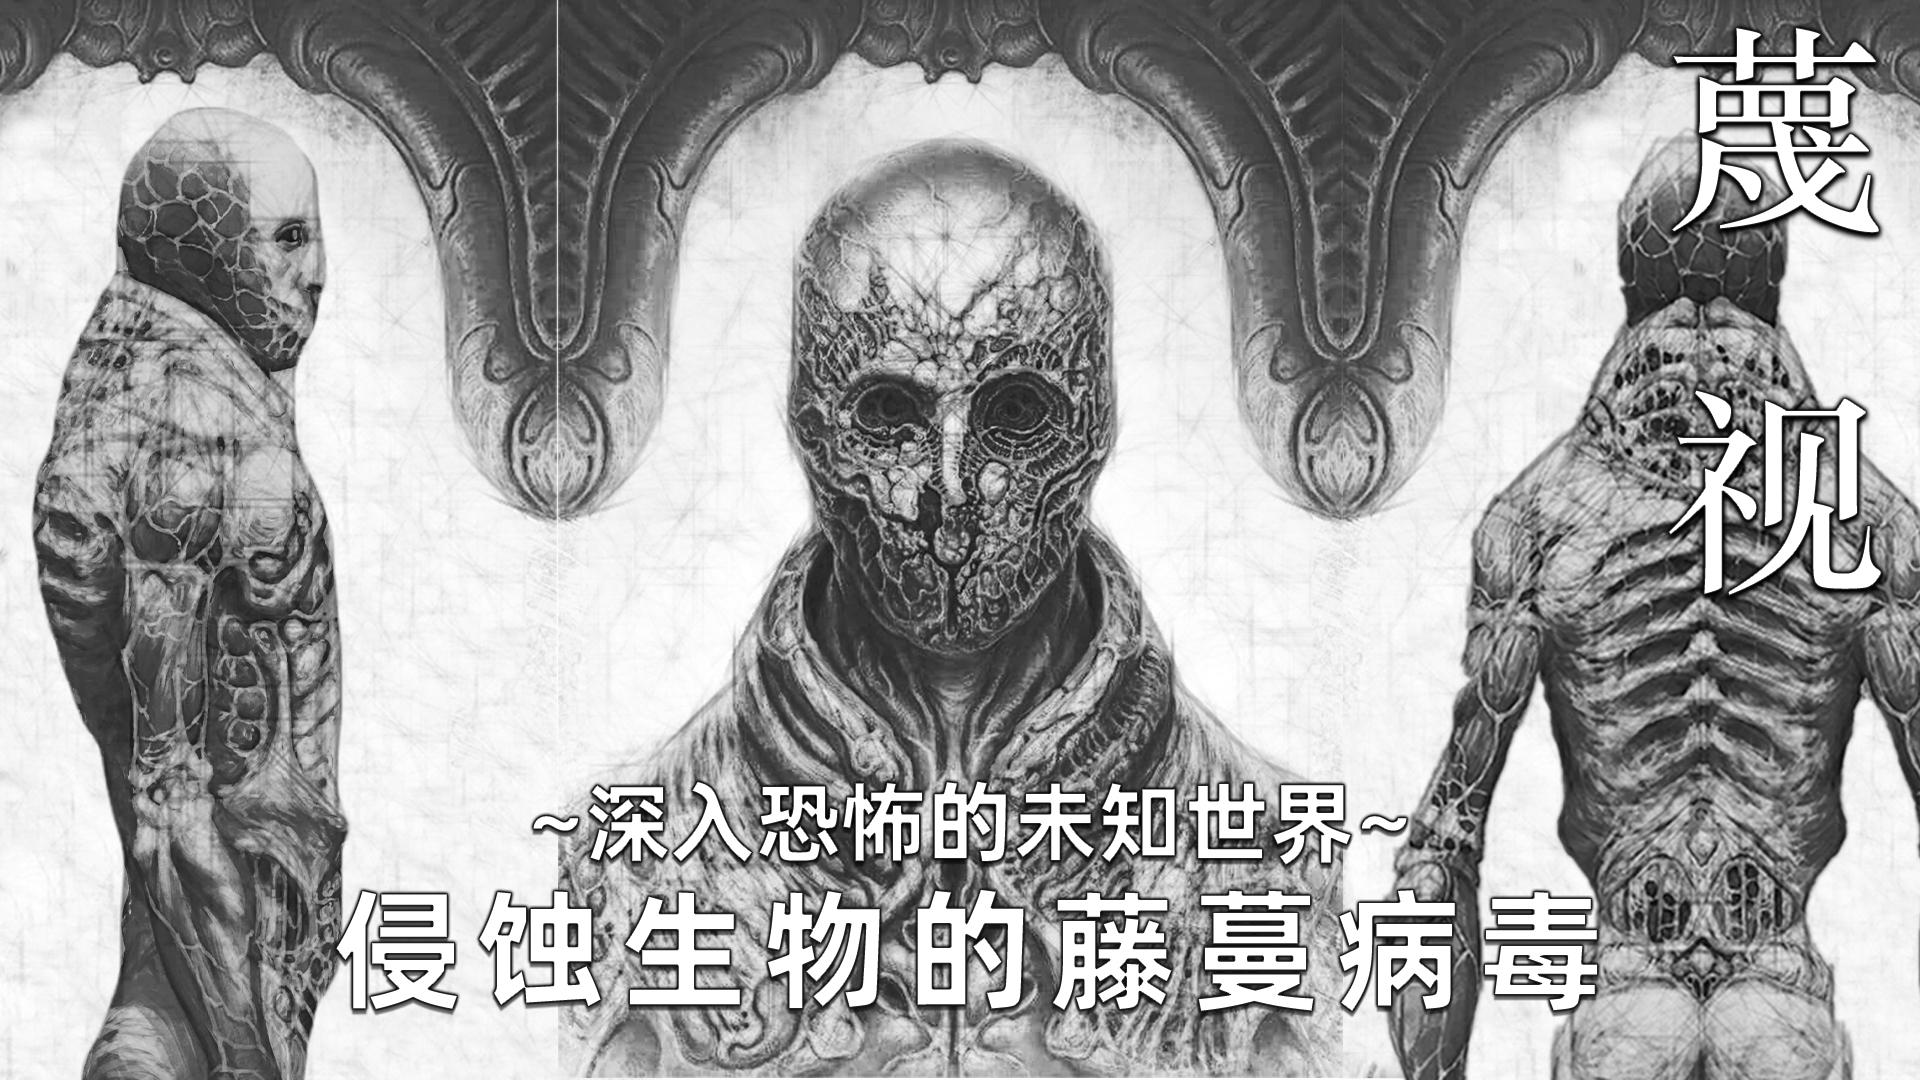 【蔑视(Scorn)】侵蚀生物的藤蔓病毒,竟是外星侵略者的武器